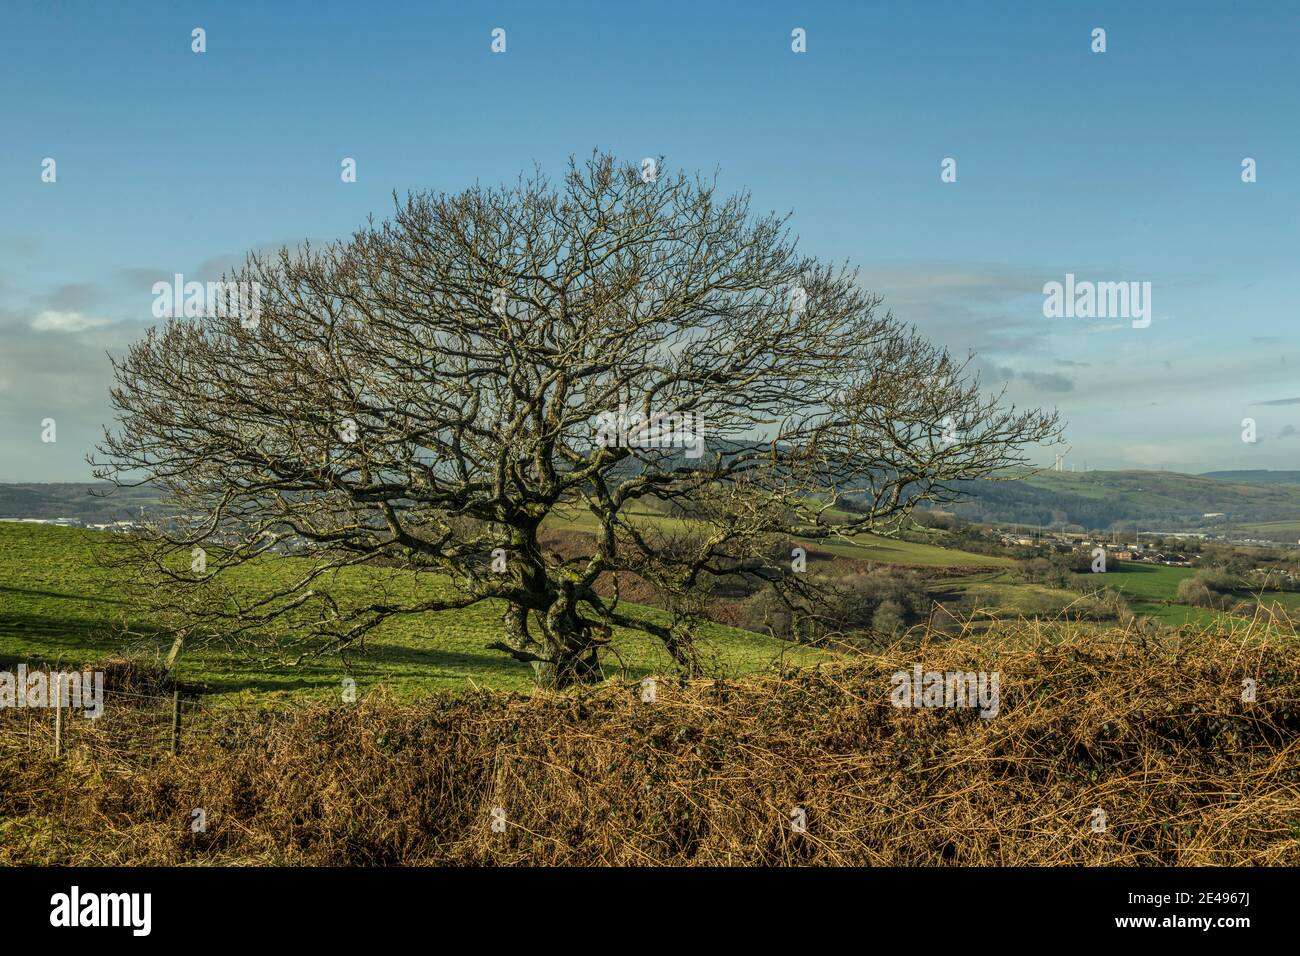 Árboles de invierno fotografiados en enero en un brillante día de invierno en una colina en el sur de Gales cerca de Llantrisant. Foto de stock